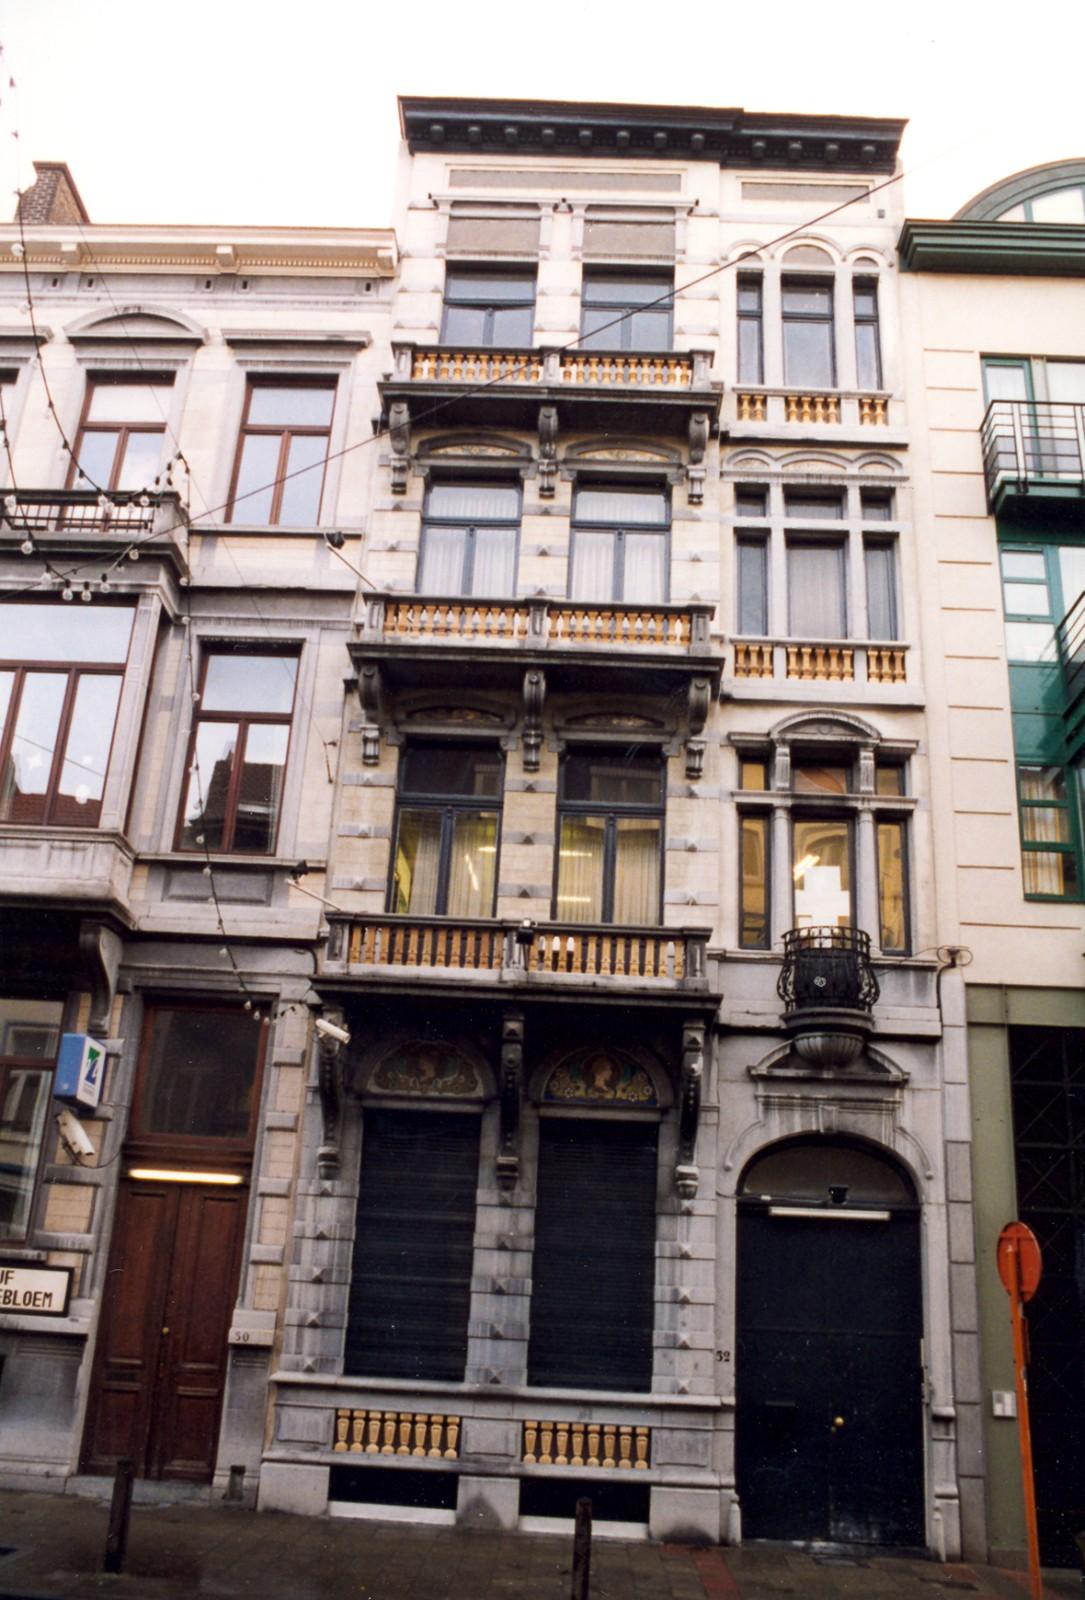 Rue de l'Hôtel des Monnaies 52., 1999